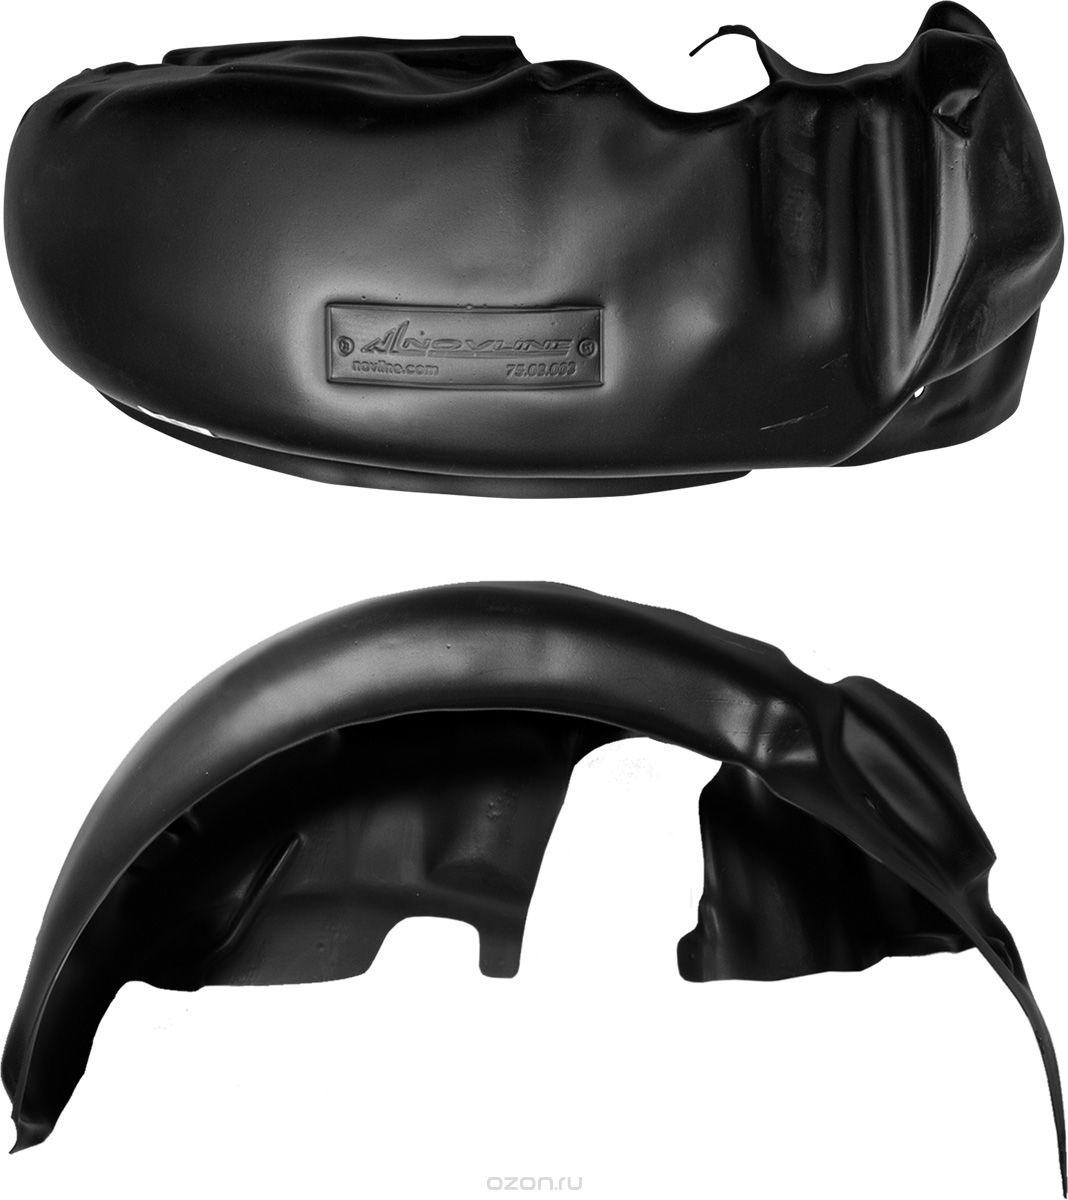 Подкрылок Novline-Autofamily, для SUZUKI Vitara, 03/2015->, задний левый42803004Идеальная защита колесной ниши. Локеры разработаны с применением цифровых технологий, гарантируют максимальную повторяемость поверхности арки. Изделия устанавливаются без нарушения лакокрасочного покрытия автомобиля, каждый подкрылок комплектуется крепежом. Уважаемые клиенты, обращаем ваше внимание, что фотографии на подкрылки универсальные и не отражают реальную форму изделия. При этом само изделие идет точно под размер указанного автомобиля.